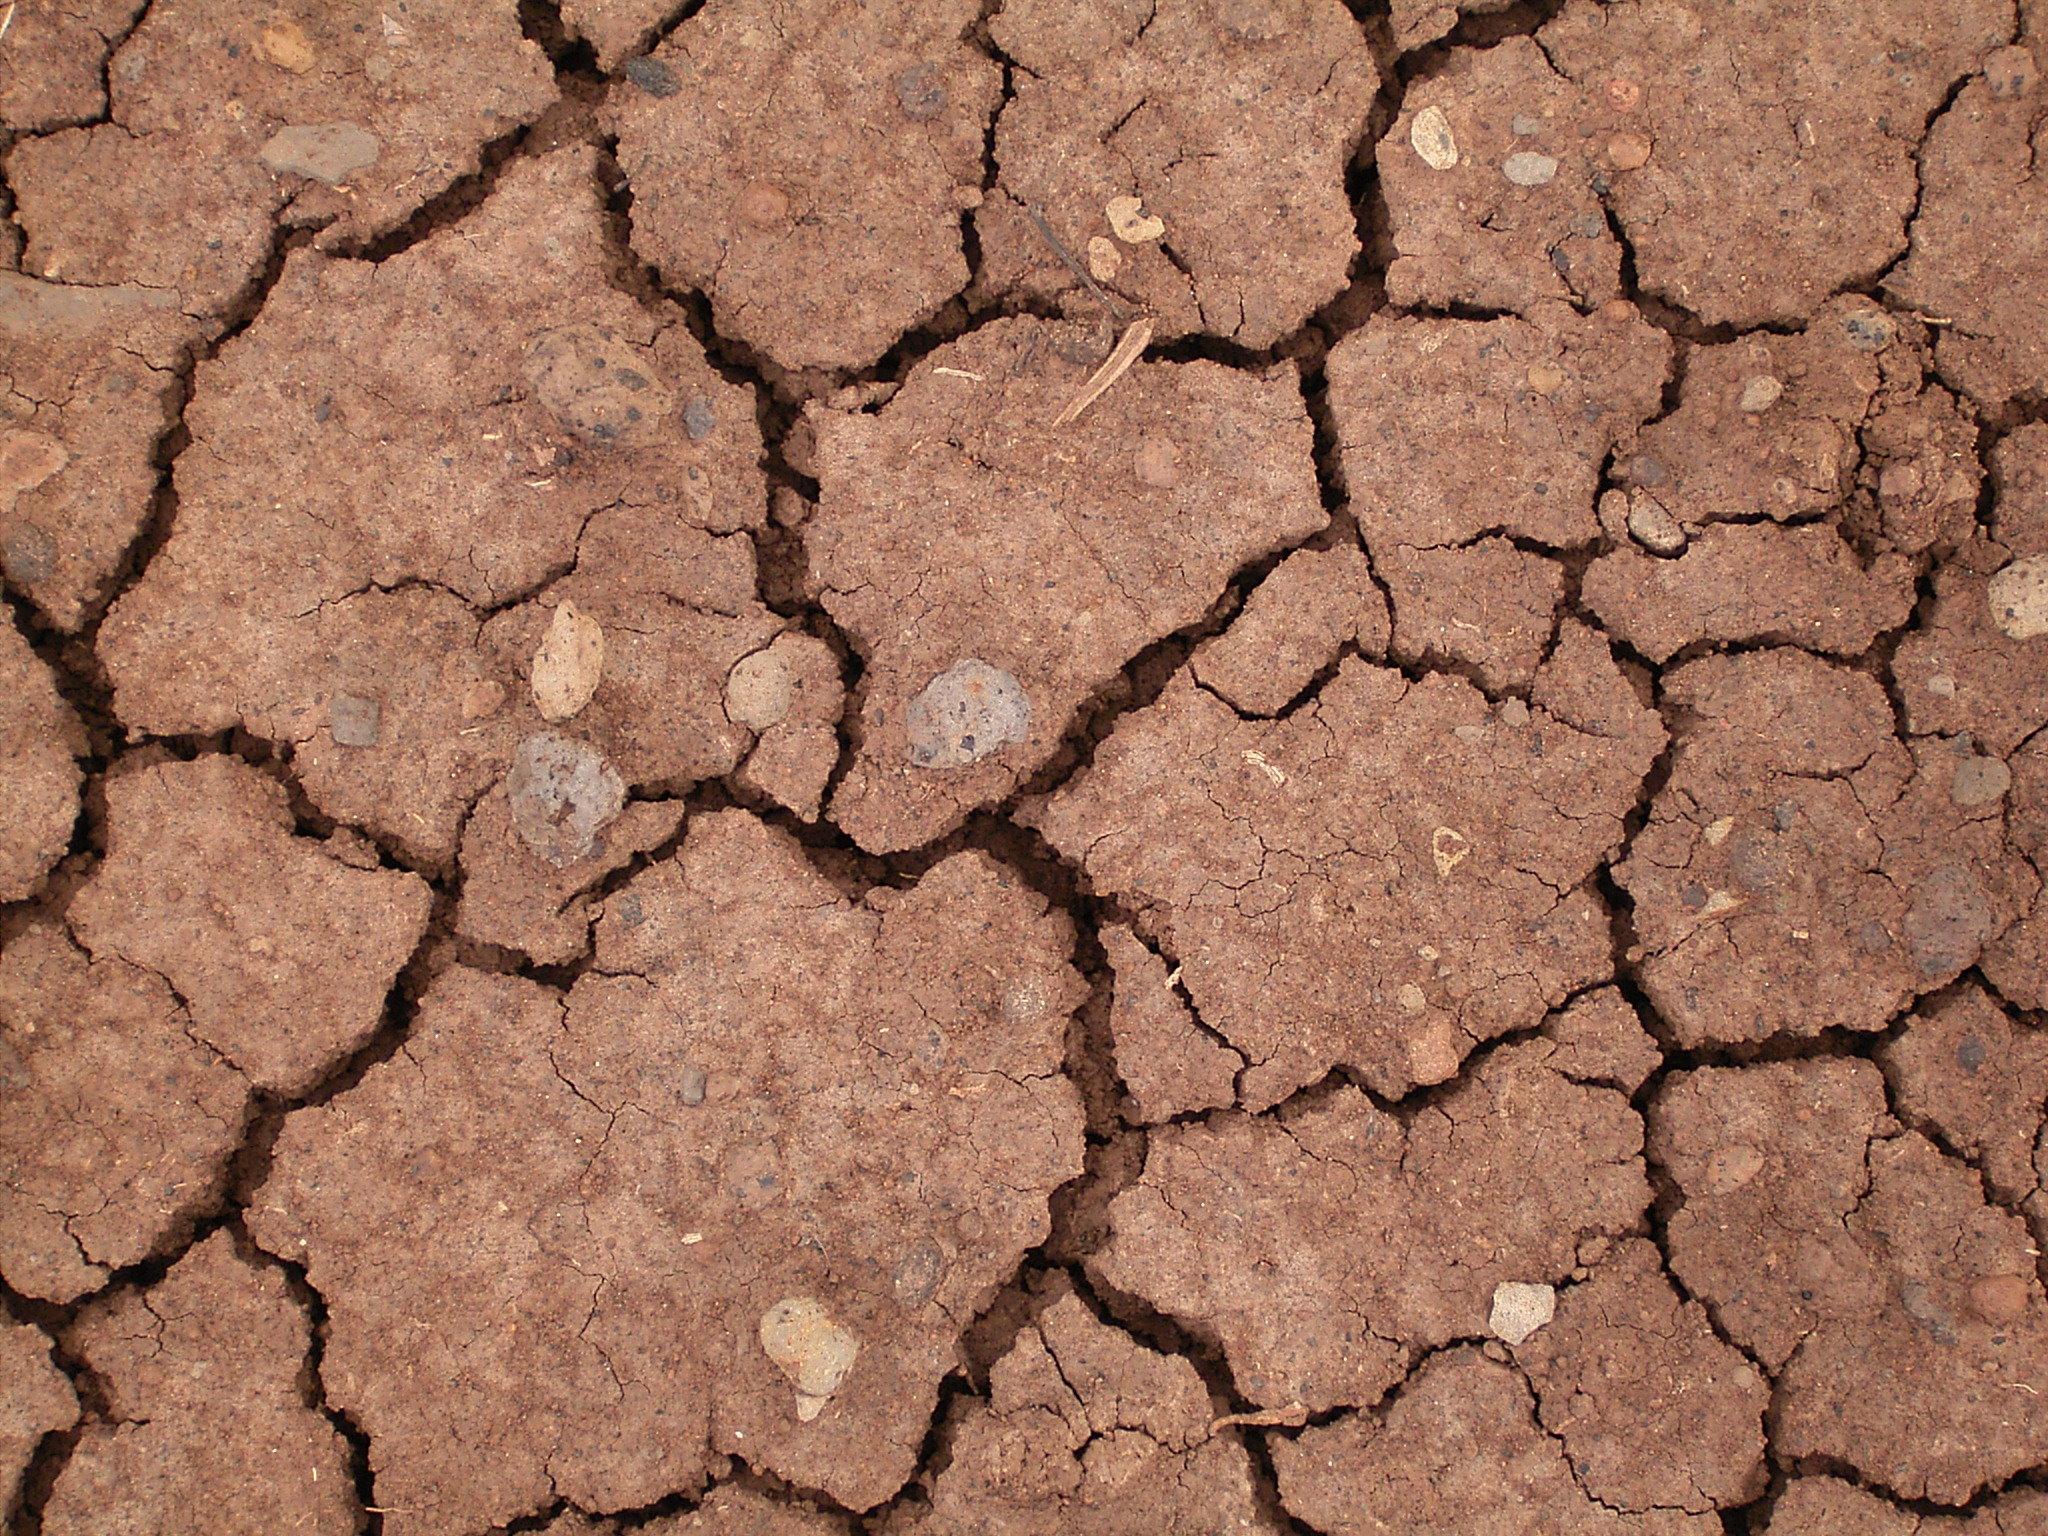 File:Dried mud (La Fajana) 01 ies.jpg - Wikipedia